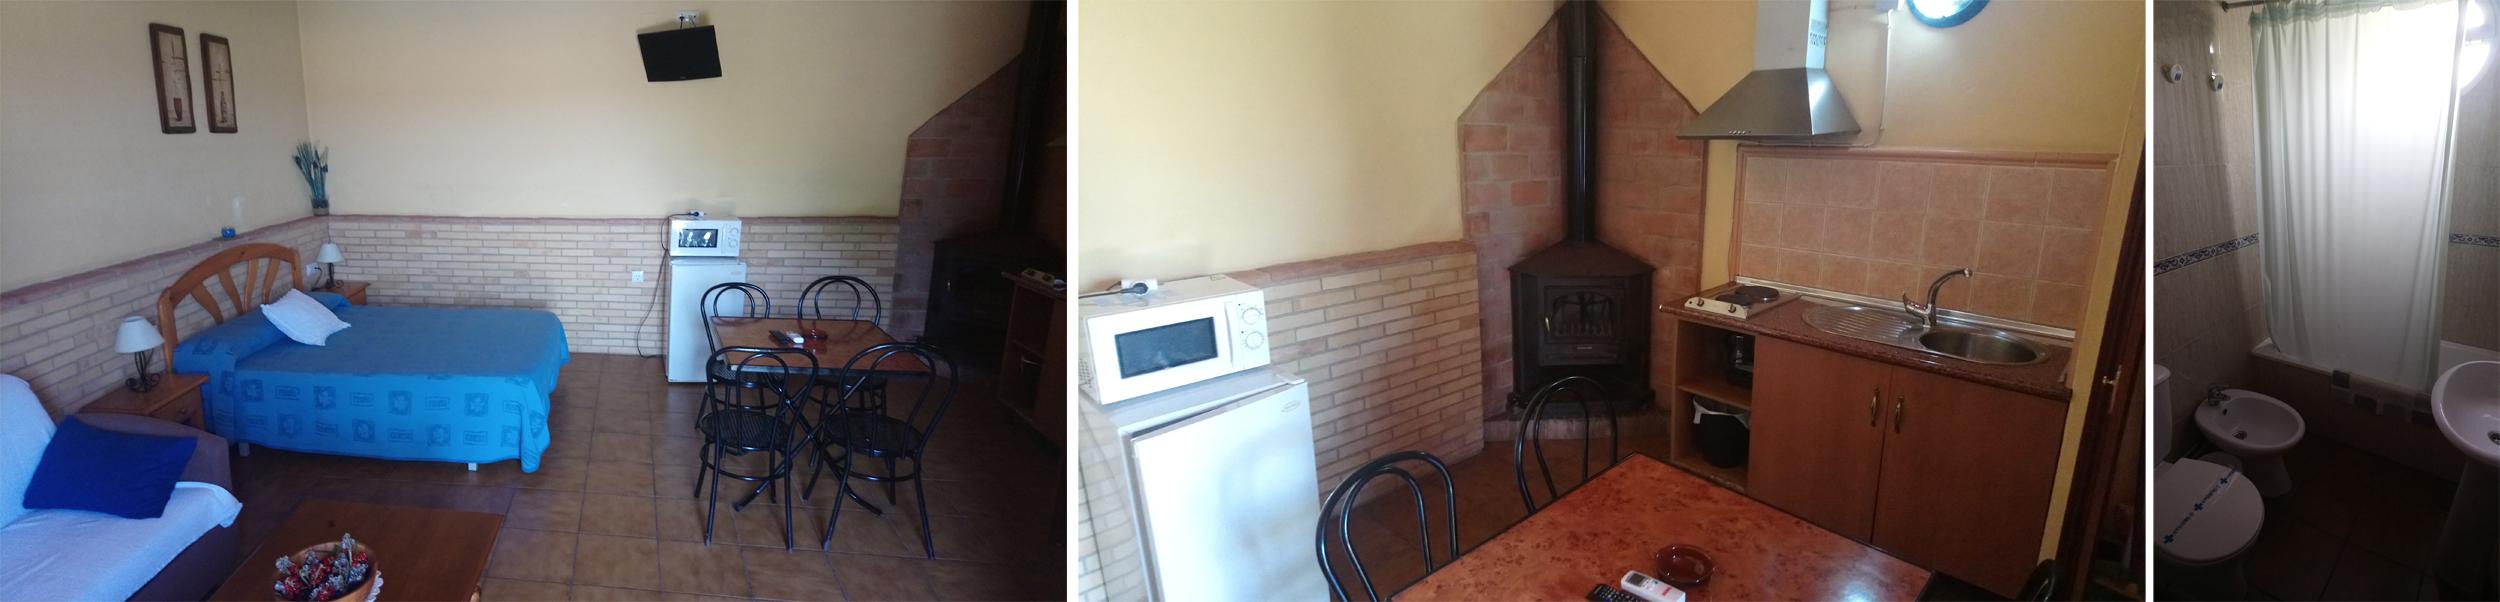 Apartamento Las Palomas en La Puebla de Los Infantes